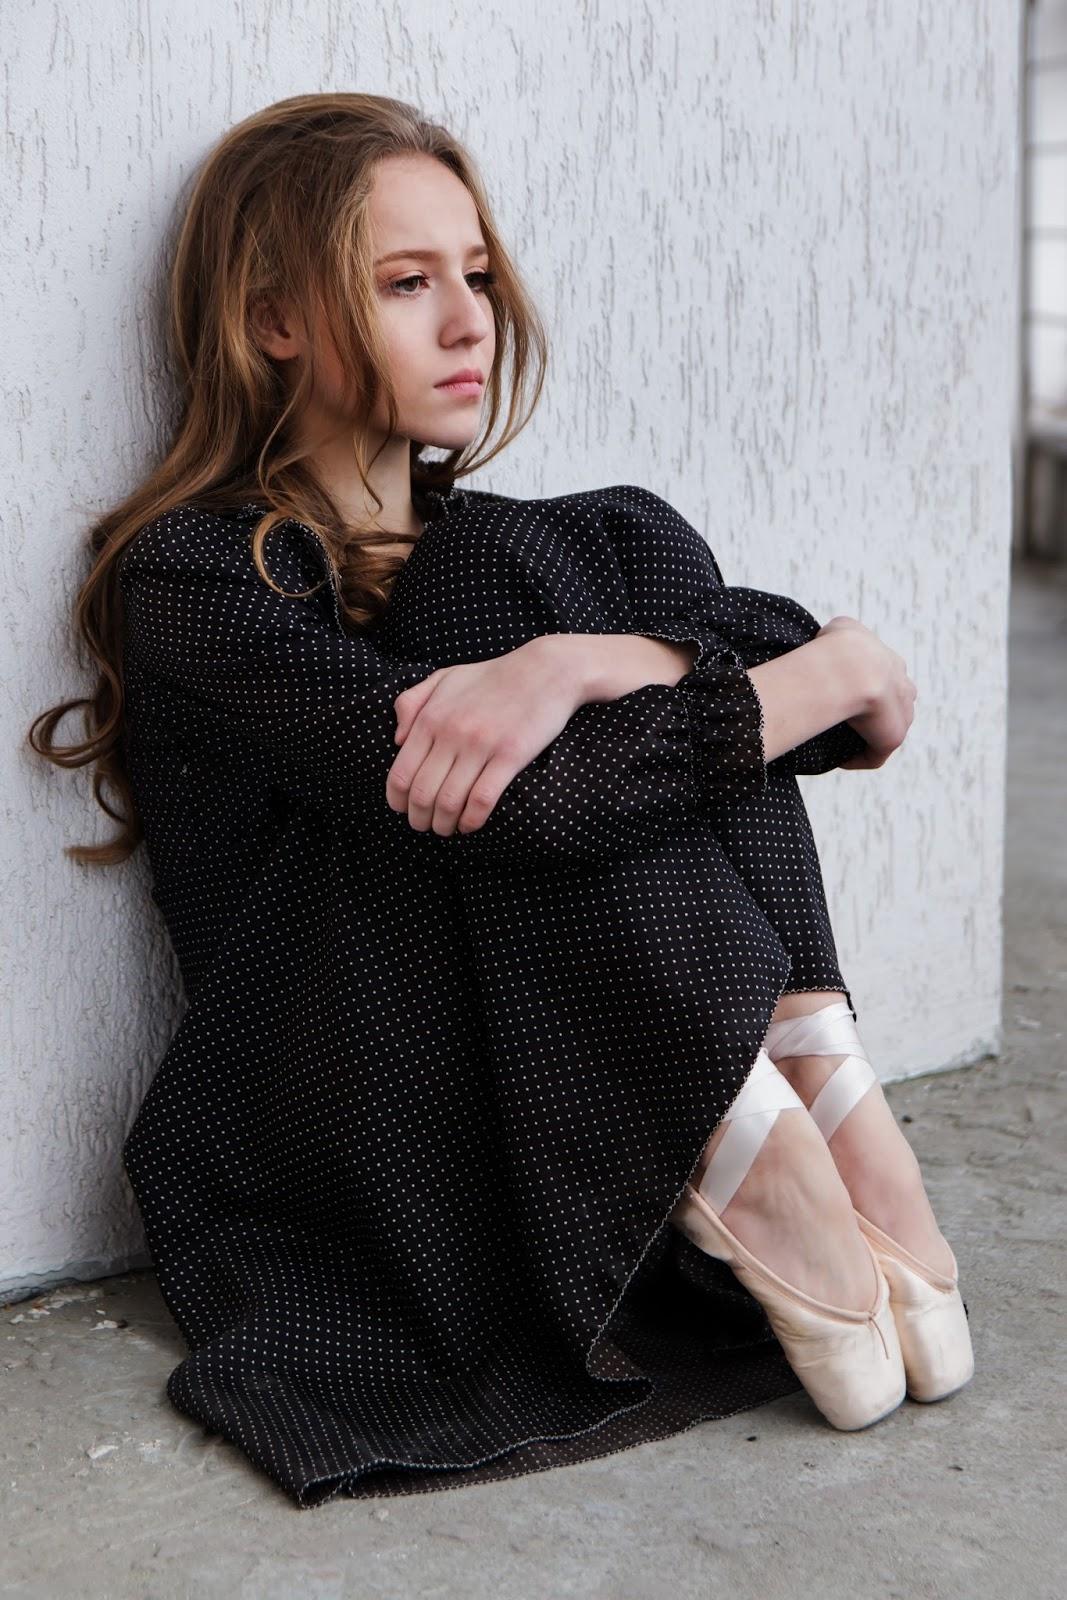 Suportem os sofrimentos, Blog Dança Cristã, Milene Oliveira, Gatora triste, menina chorando, sapatilha de ballet, bailarina triste